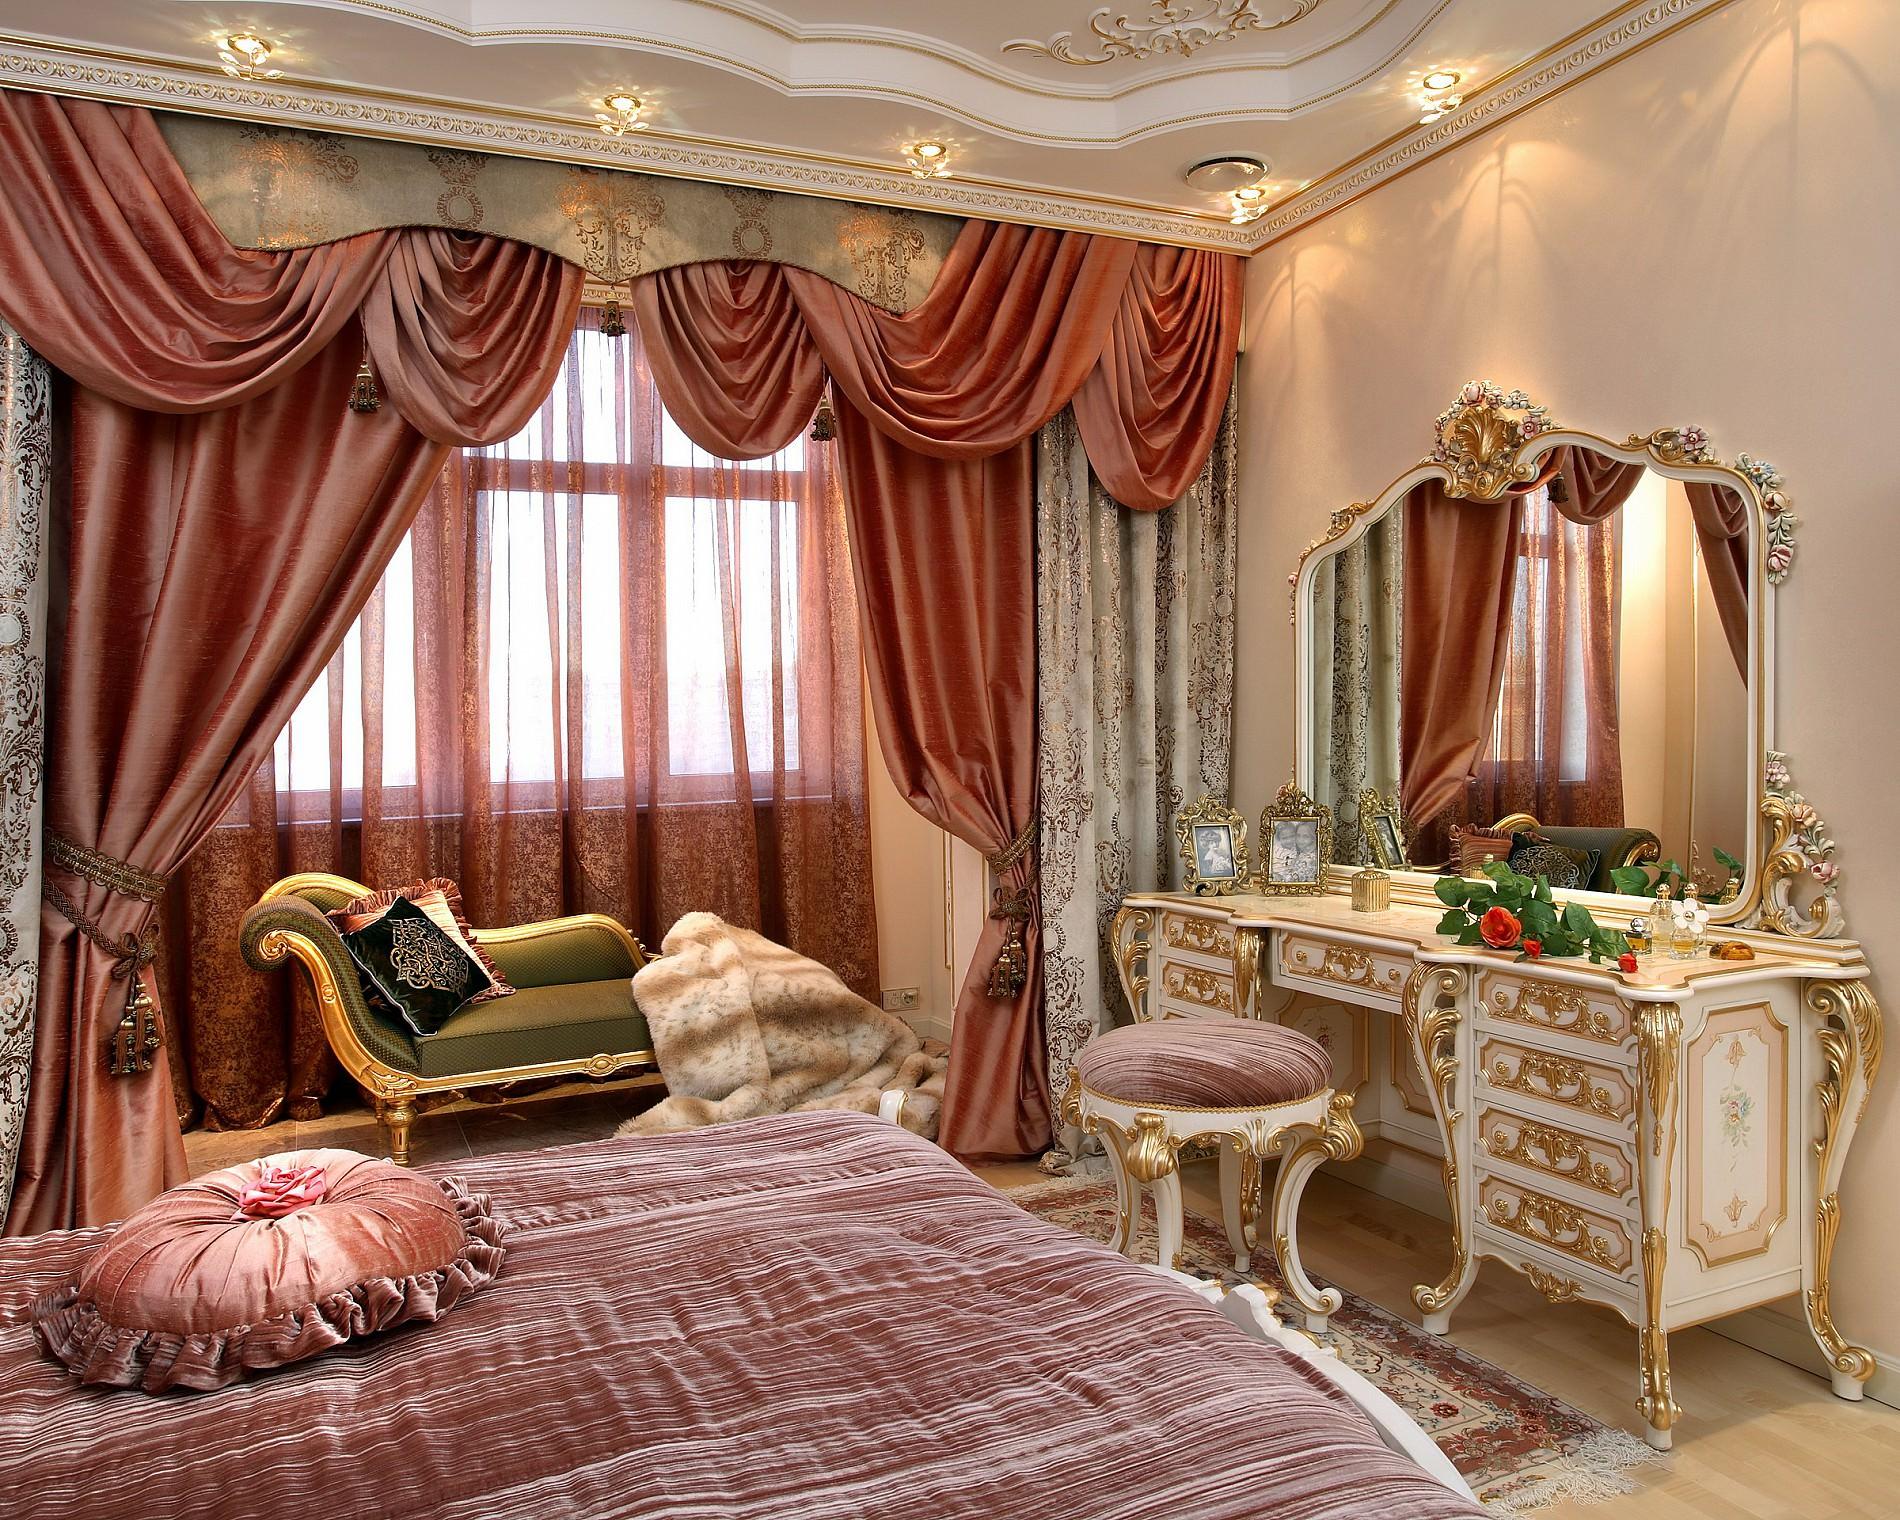 квартира в стиле барокко розового цвета